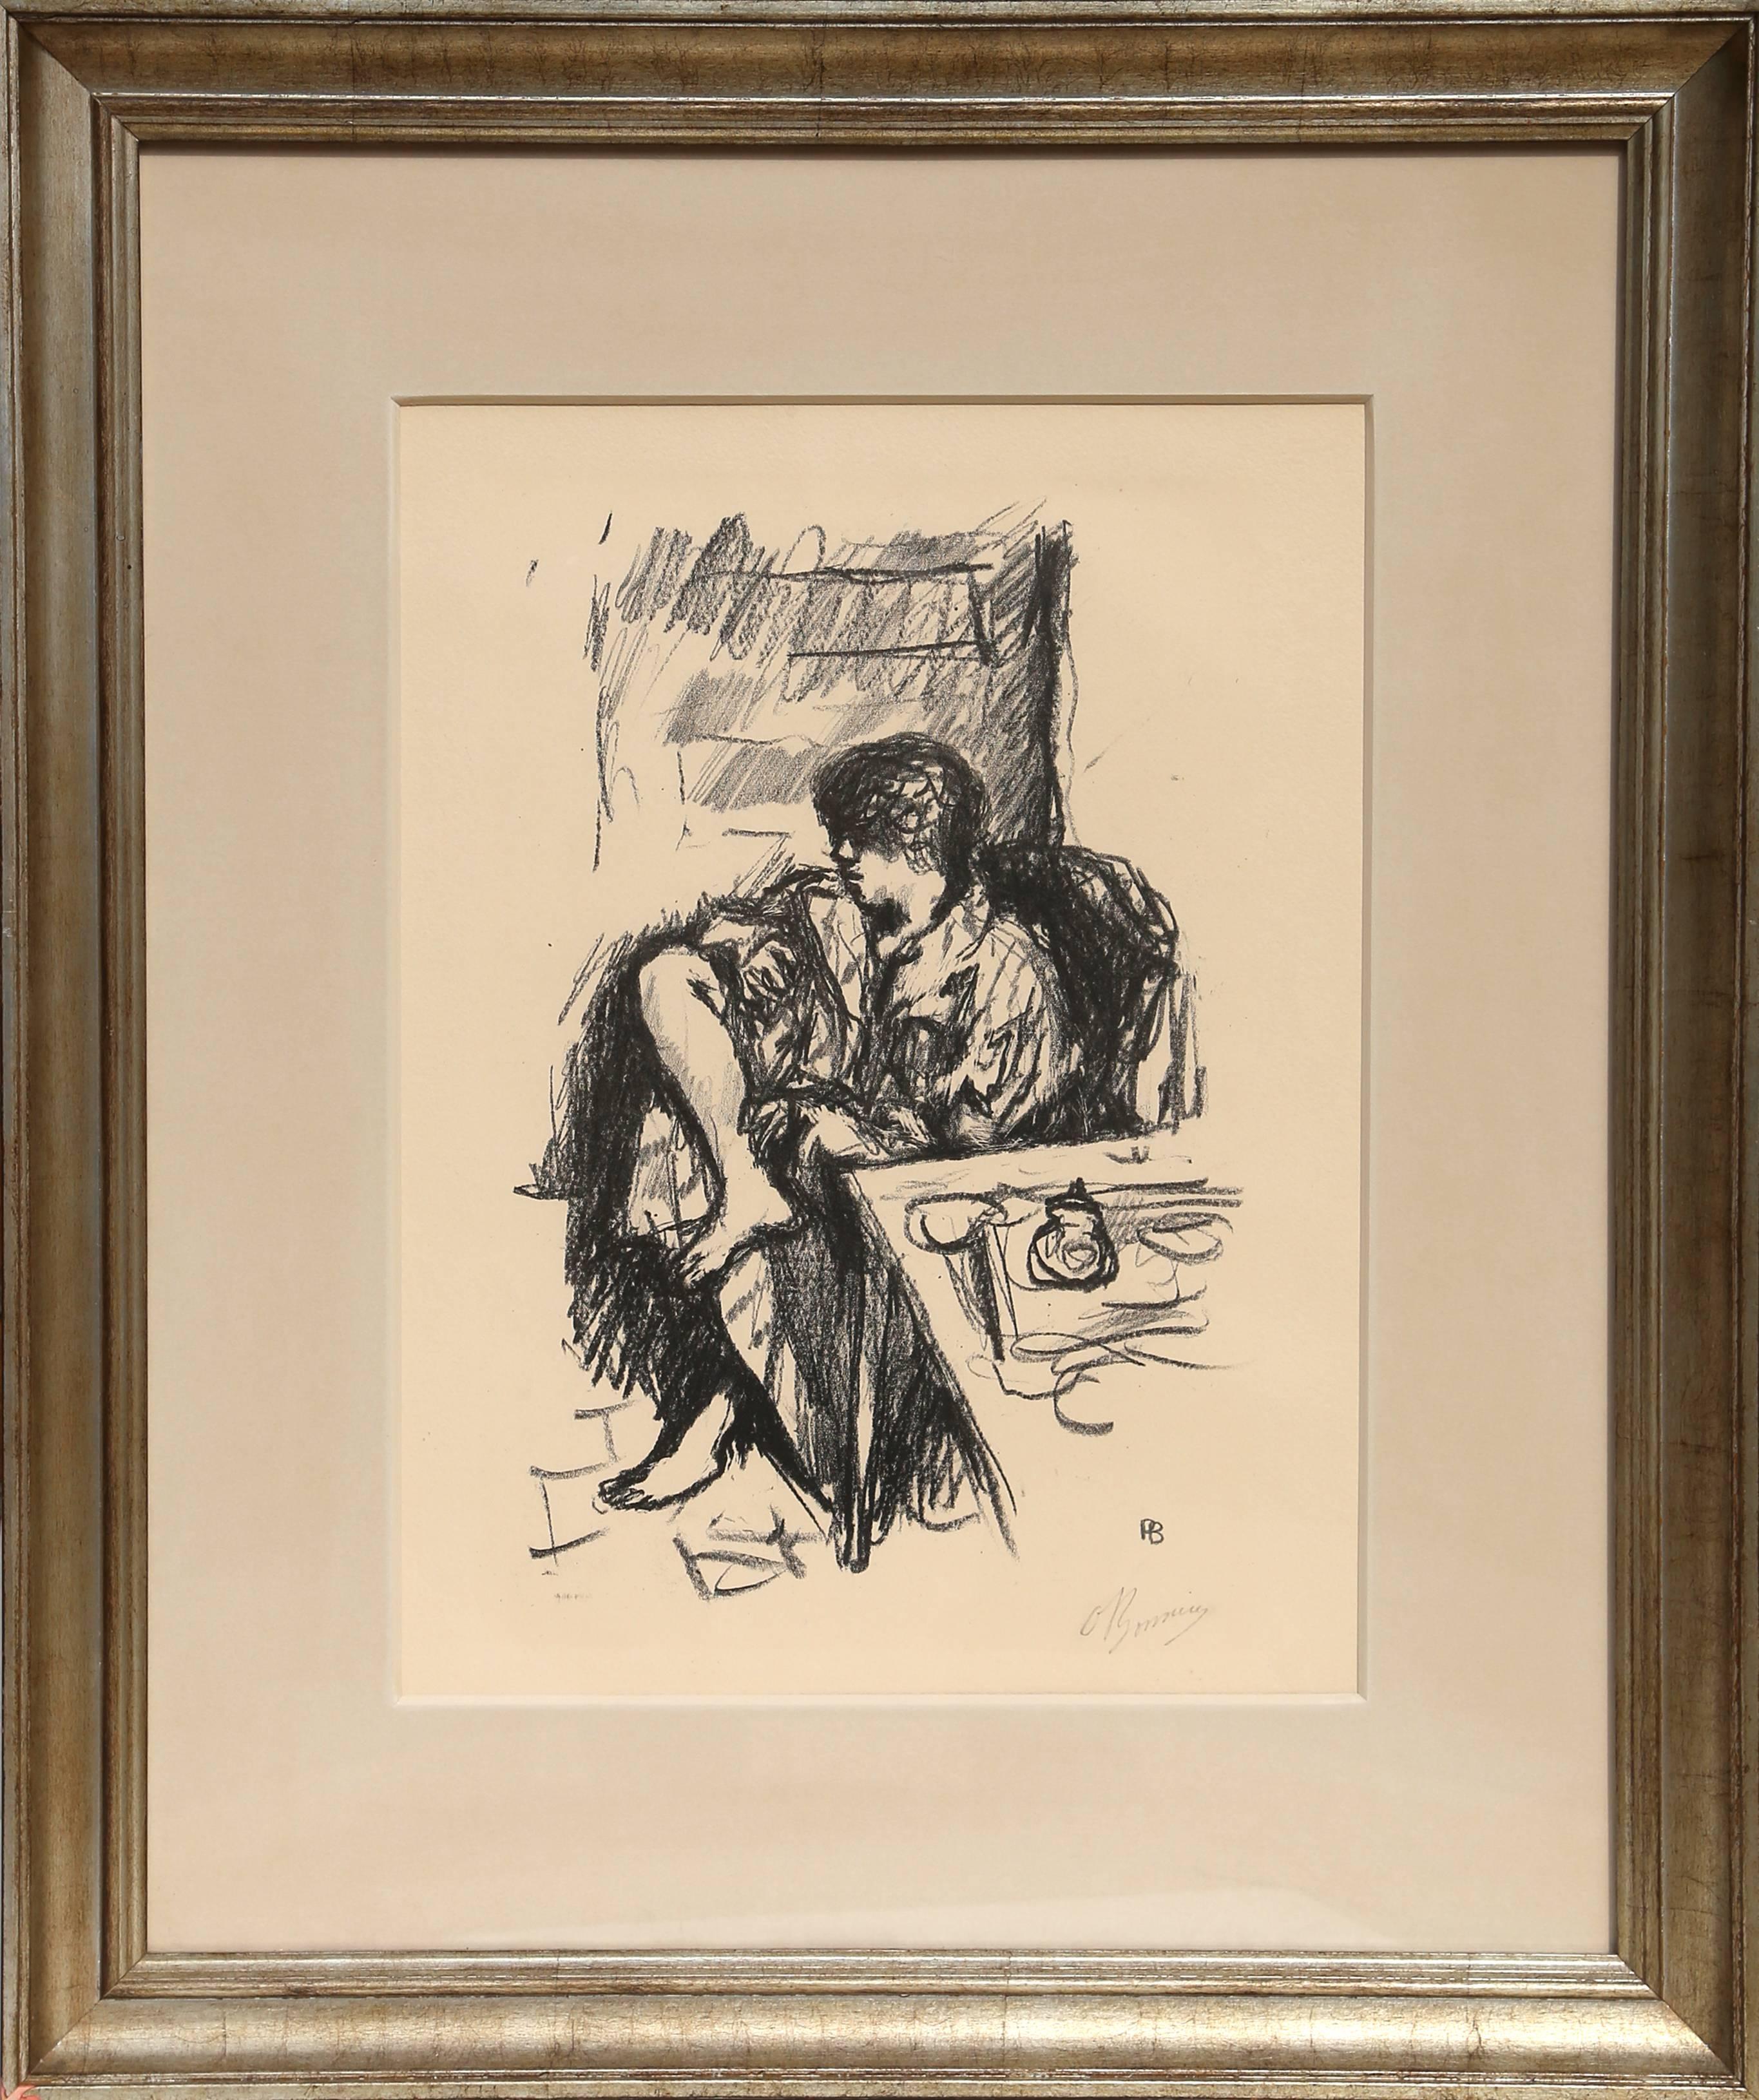 La Toilette Assise, 1925 Lithograph by Pierre Bonnard